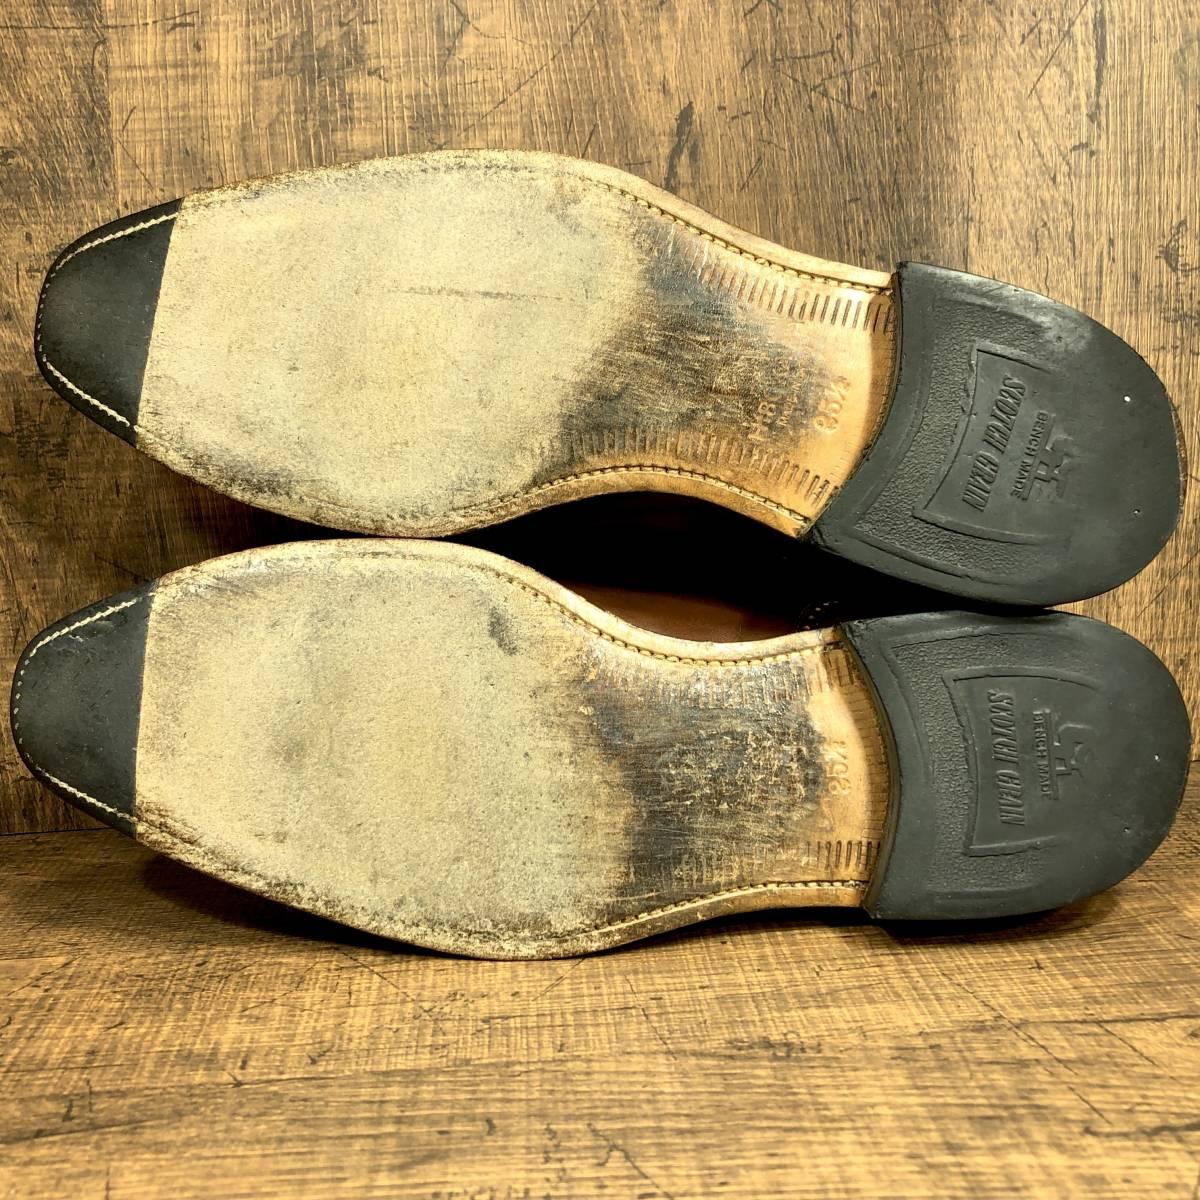 即決■SCOTCH GRAIN■ 26cm 茶 ブラウン スコッチグレイン スワールトゥ ビジネス ドレス メンズ 革靴 靴 レザー_画像2